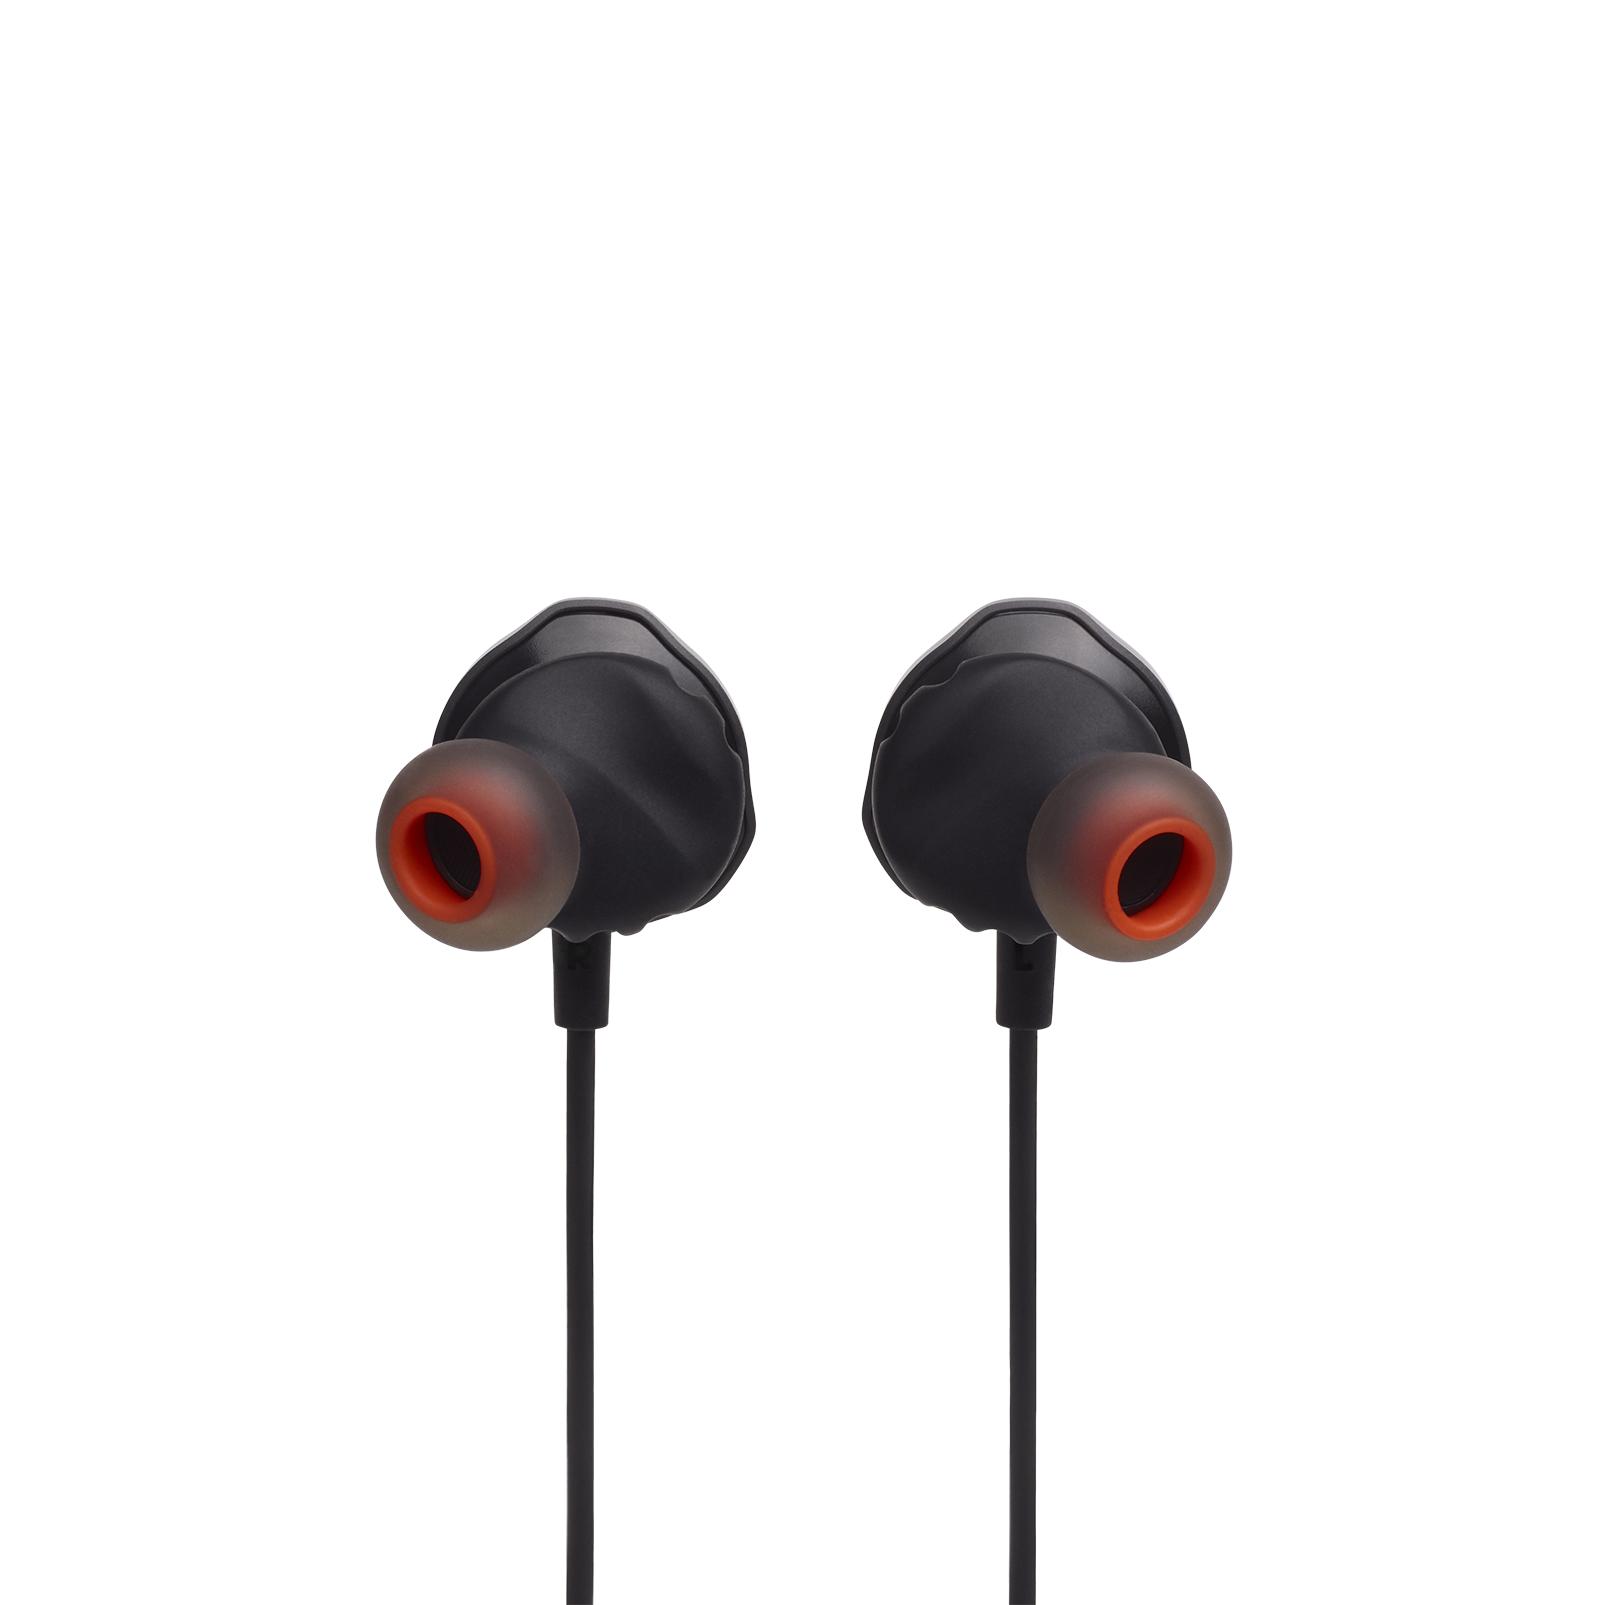 Геймърски слушалки тапи с микрофон JBL Quantum 50, Черен-2